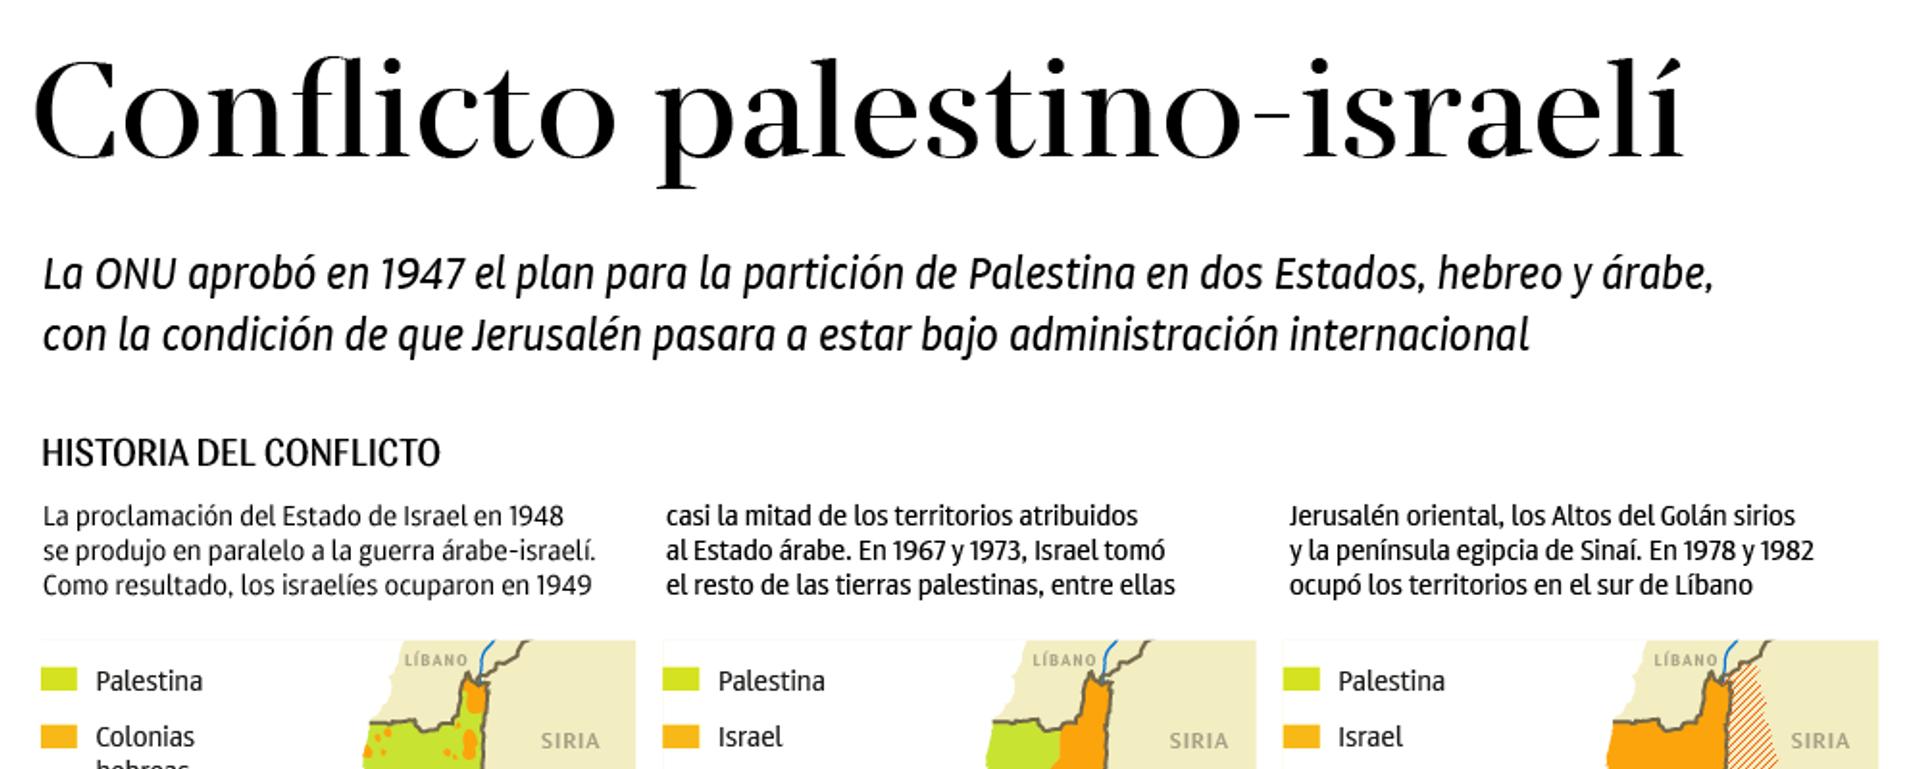 Todo lo hay que saber sobre el conflicto palestino-israelí - Sputnik Mundo, 1920, 09.12.2017